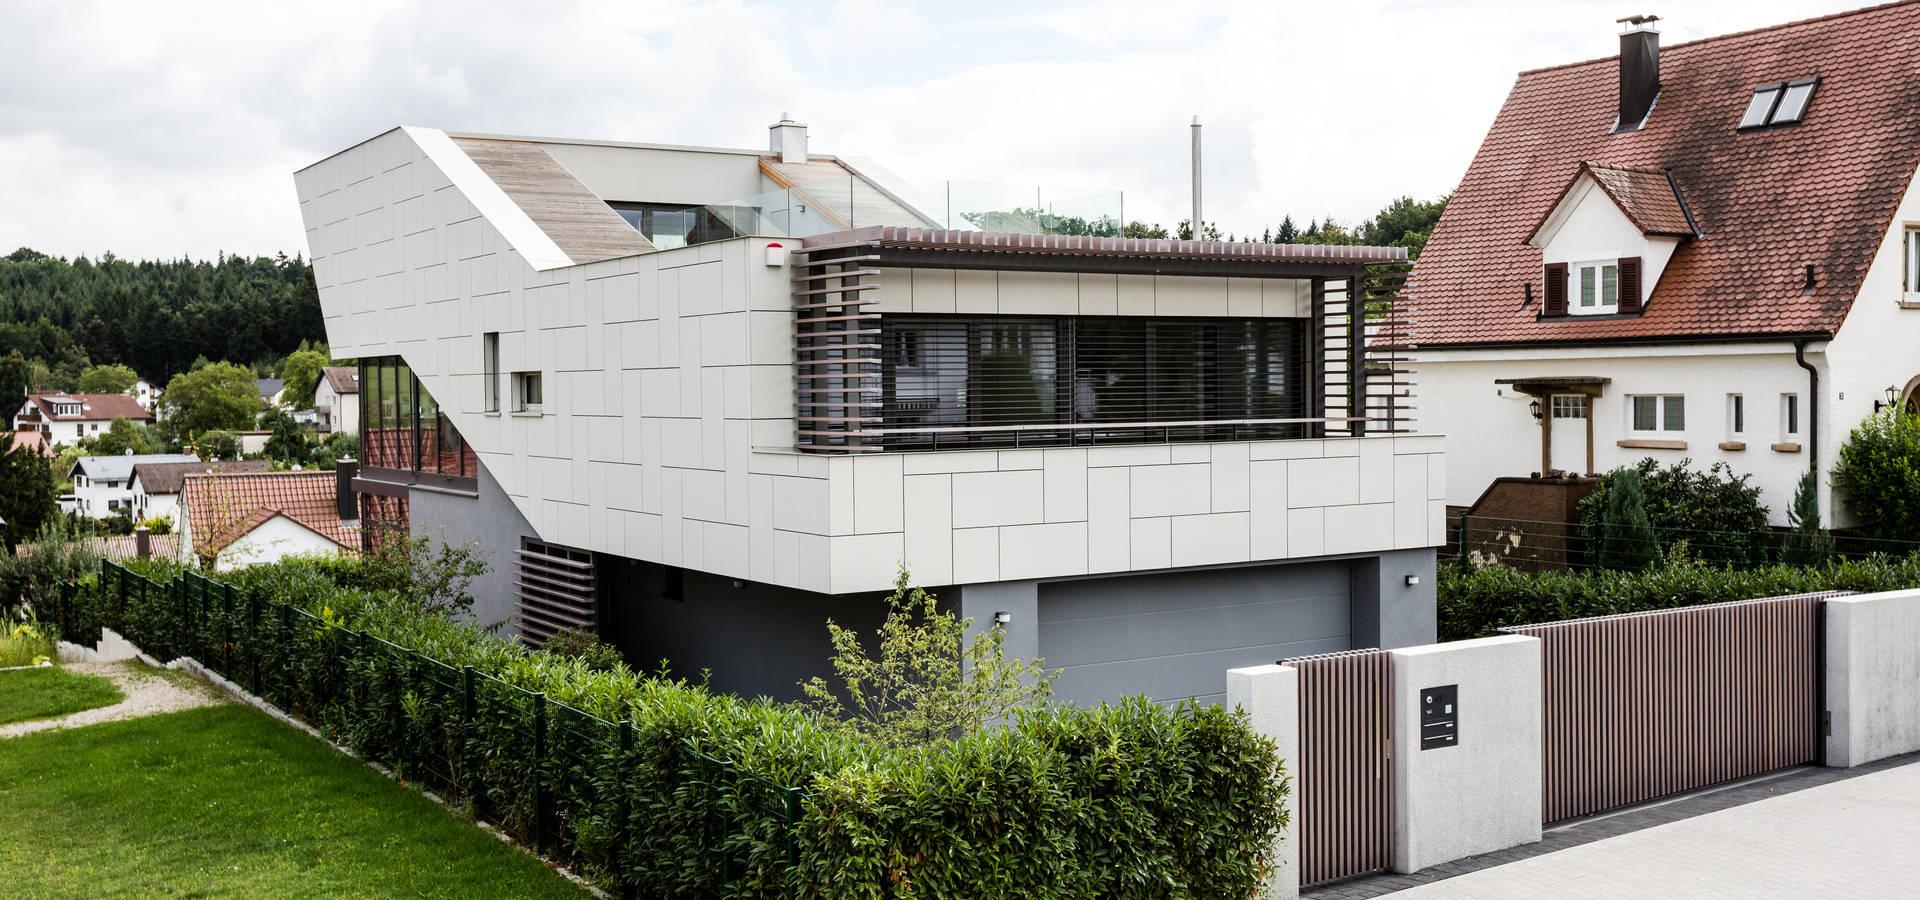 kohlbecker gesamtplan gmbh architekten in gaggenau homify. Black Bedroom Furniture Sets. Home Design Ideas